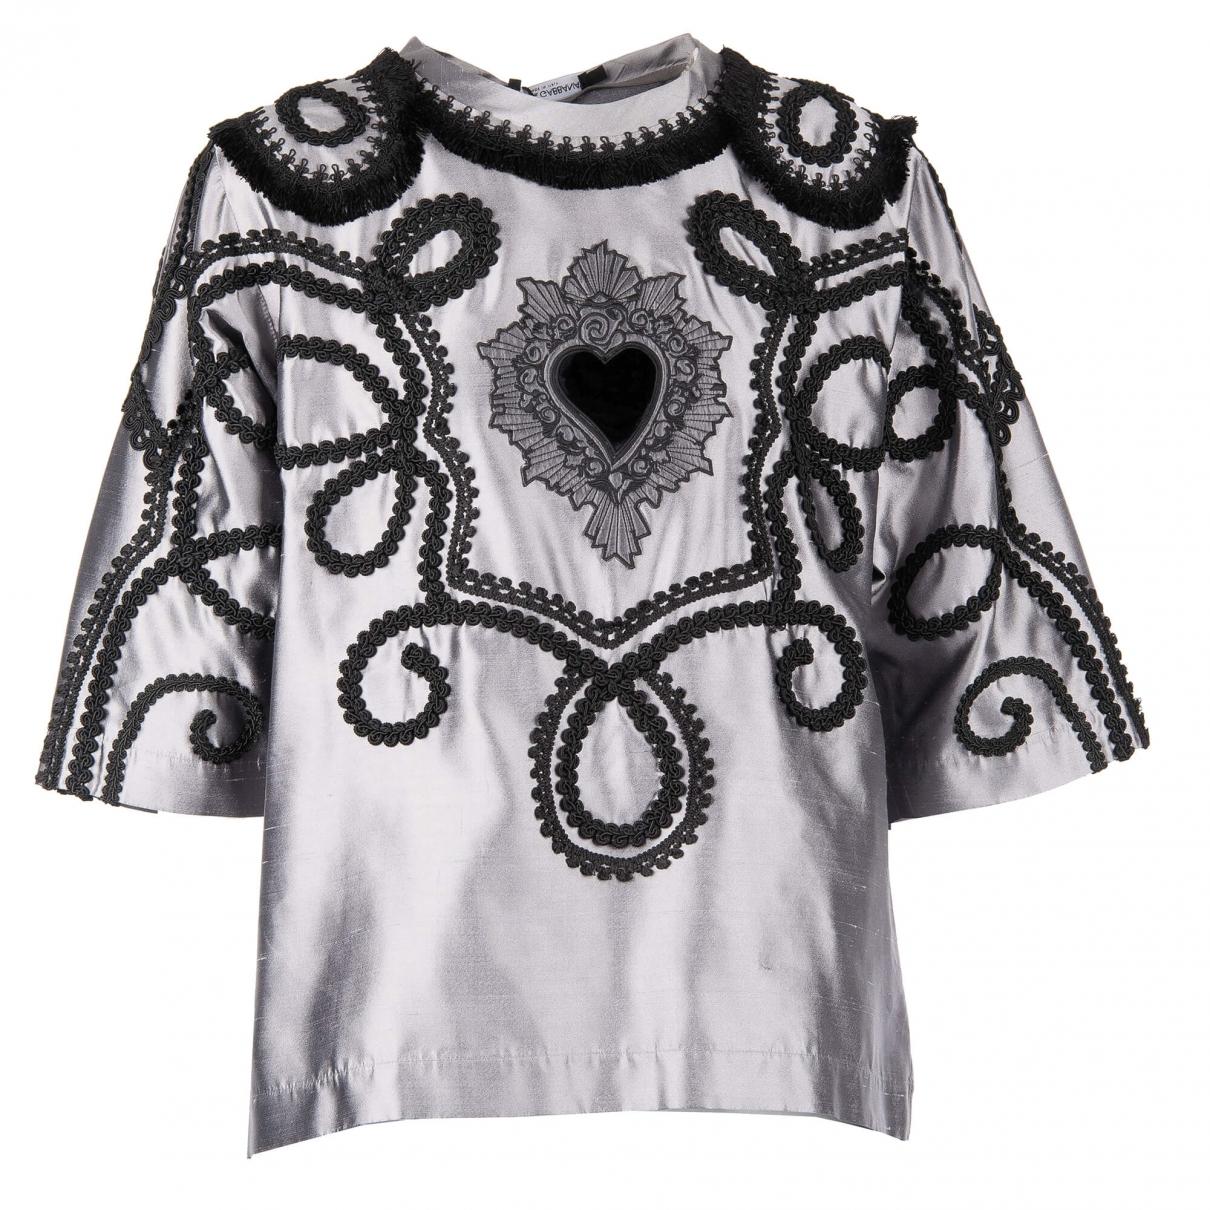 Dolce & Gabbana - Tee shirts   pour homme en soie - argente